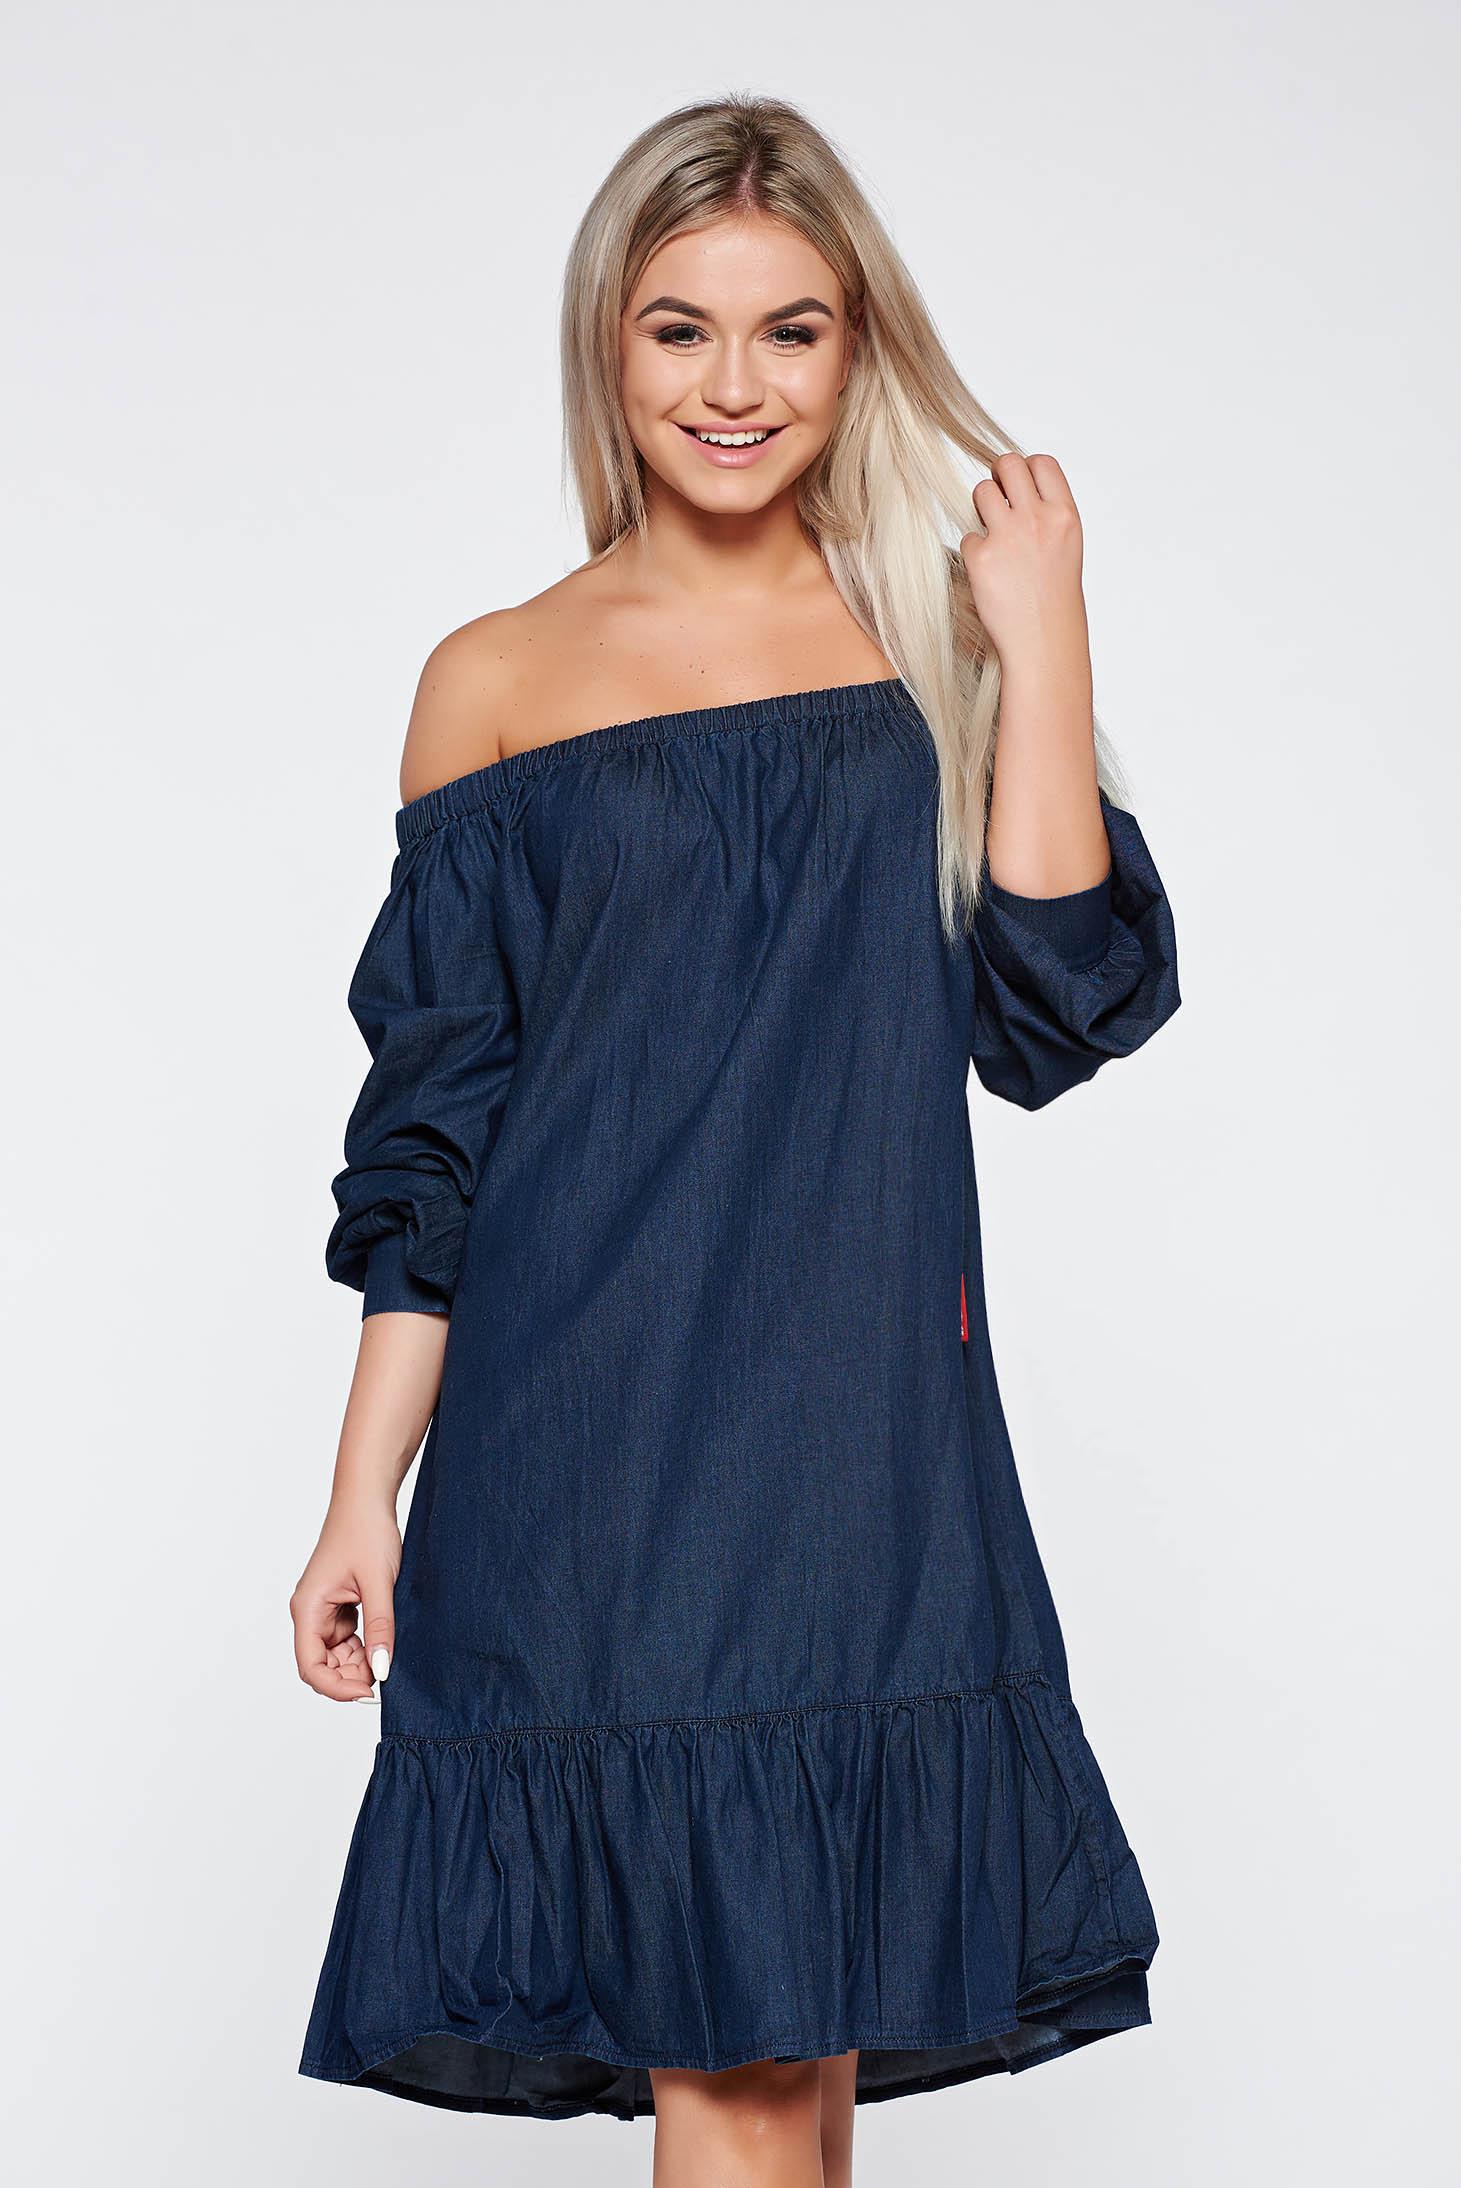 Rochie albastra-inchis casual cu croi larg din denim cu volanase la baza rochiei